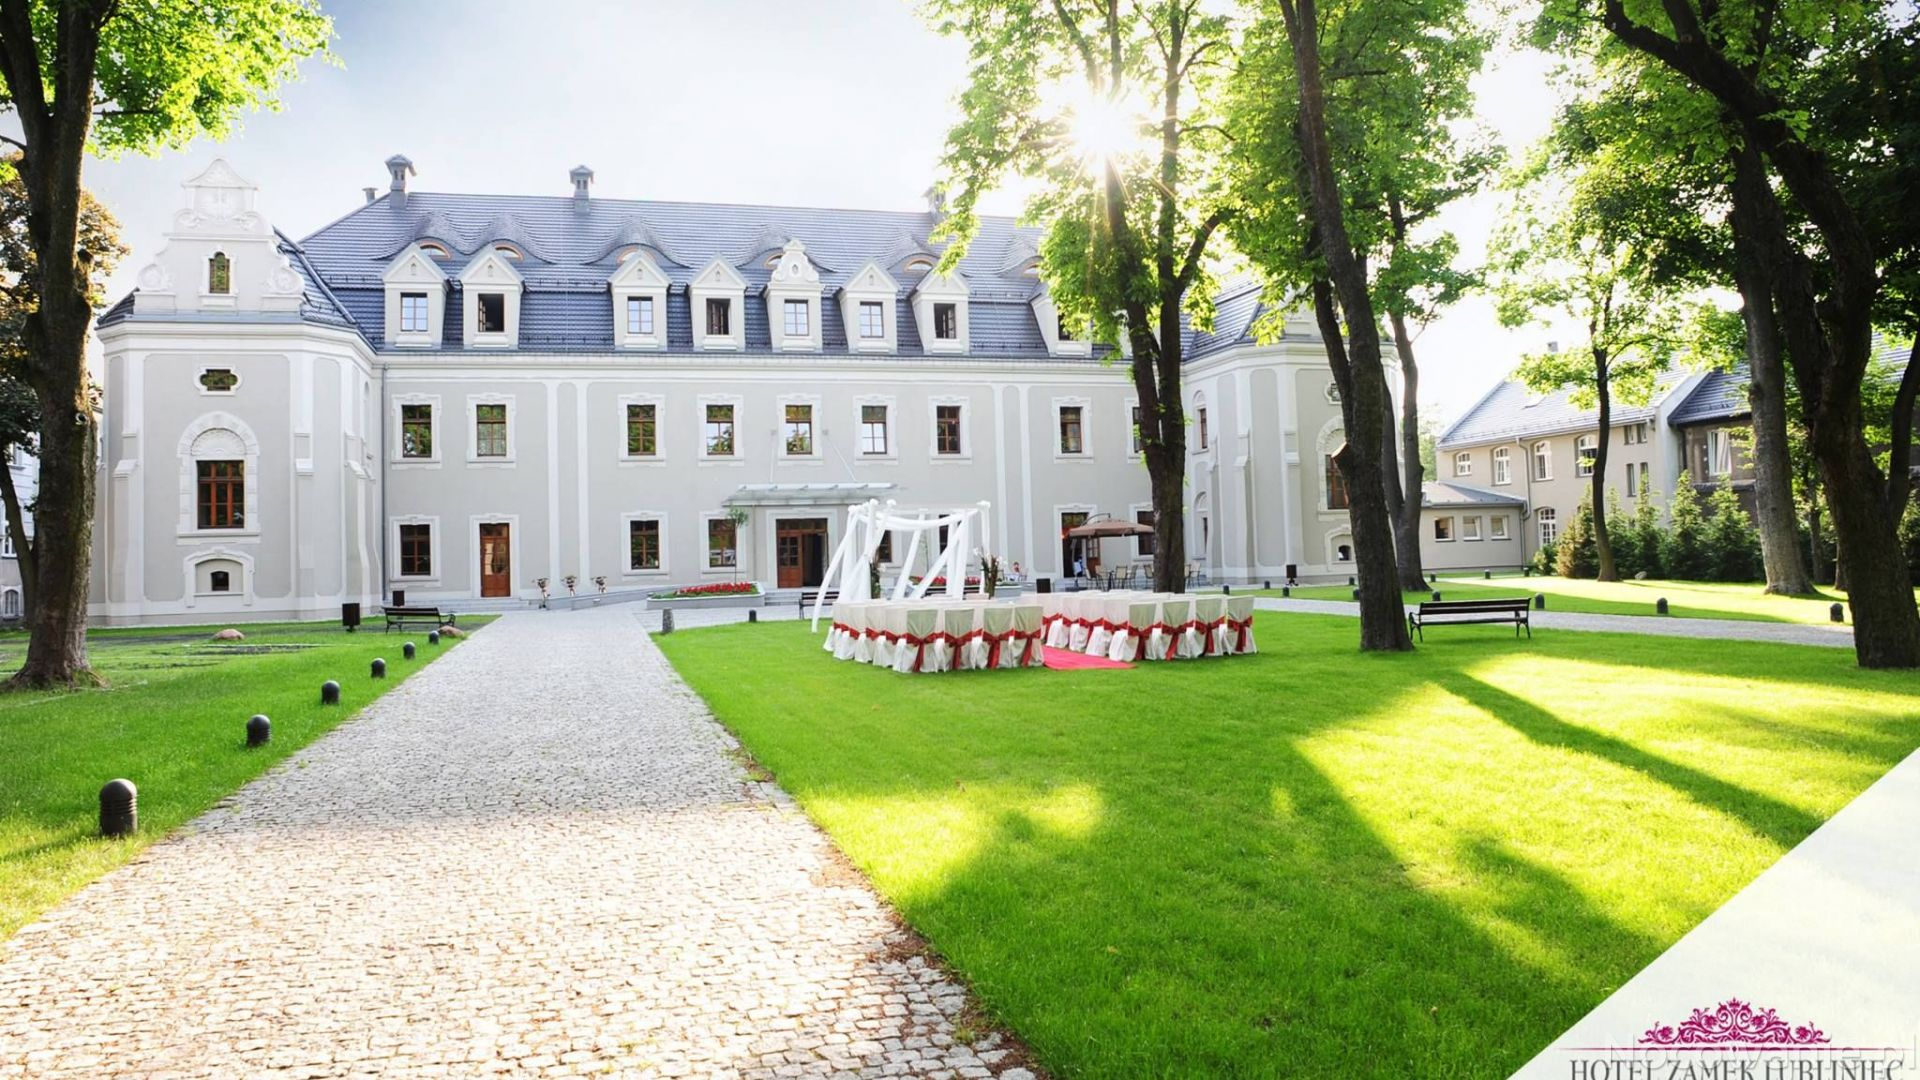 Hotel Zamek Lubliniec